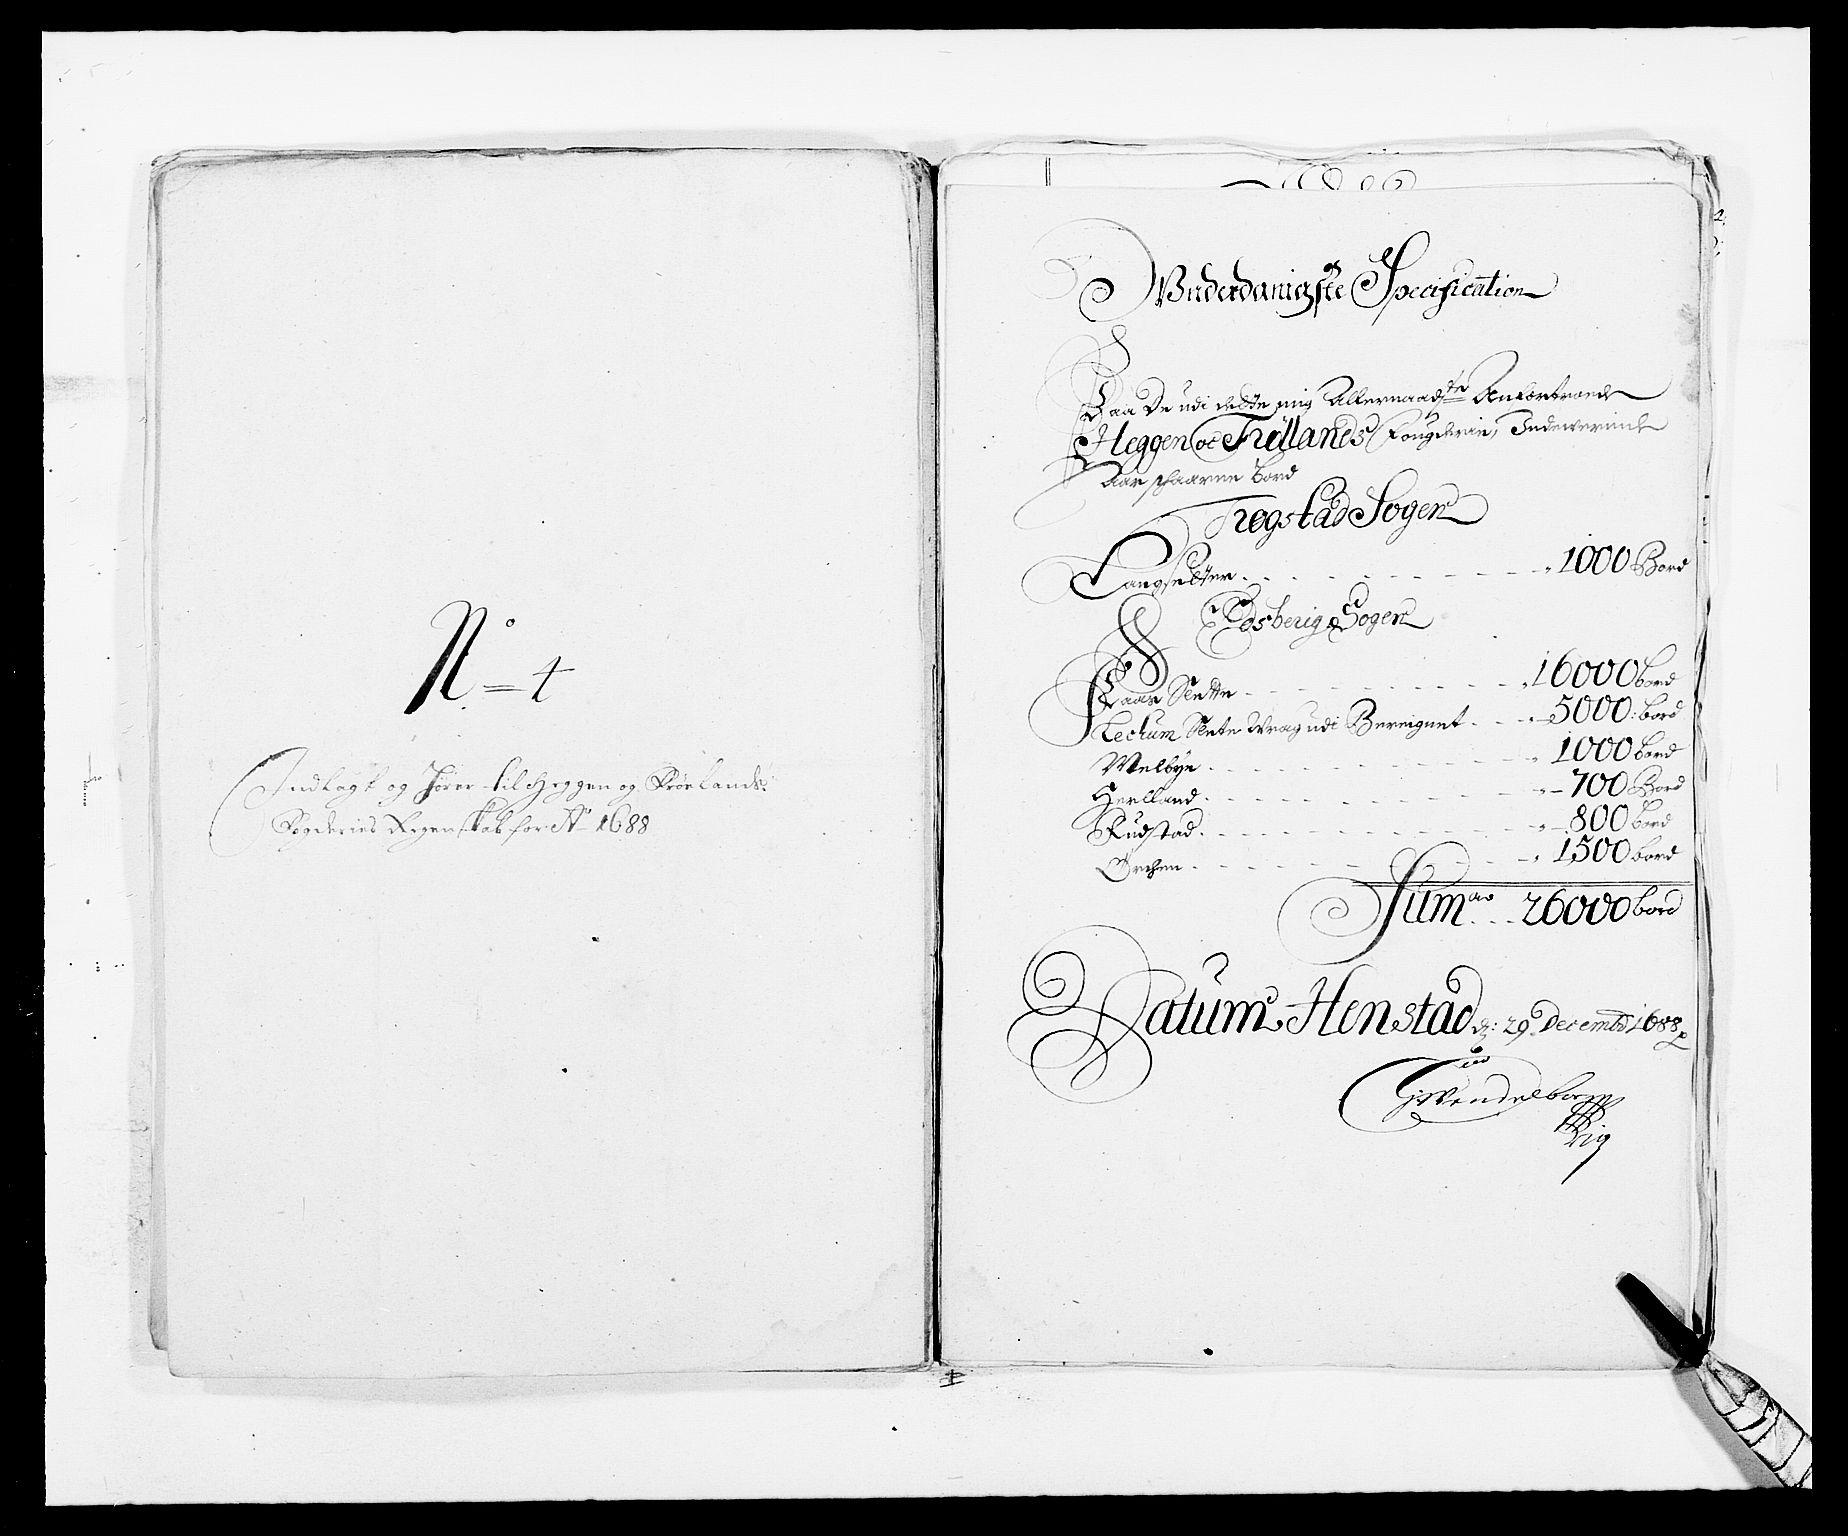 RA, Rentekammeret inntil 1814, Reviderte regnskaper, Fogderegnskap, R06/L0282: Fogderegnskap Heggen og Frøland, 1687-1690, s. 97